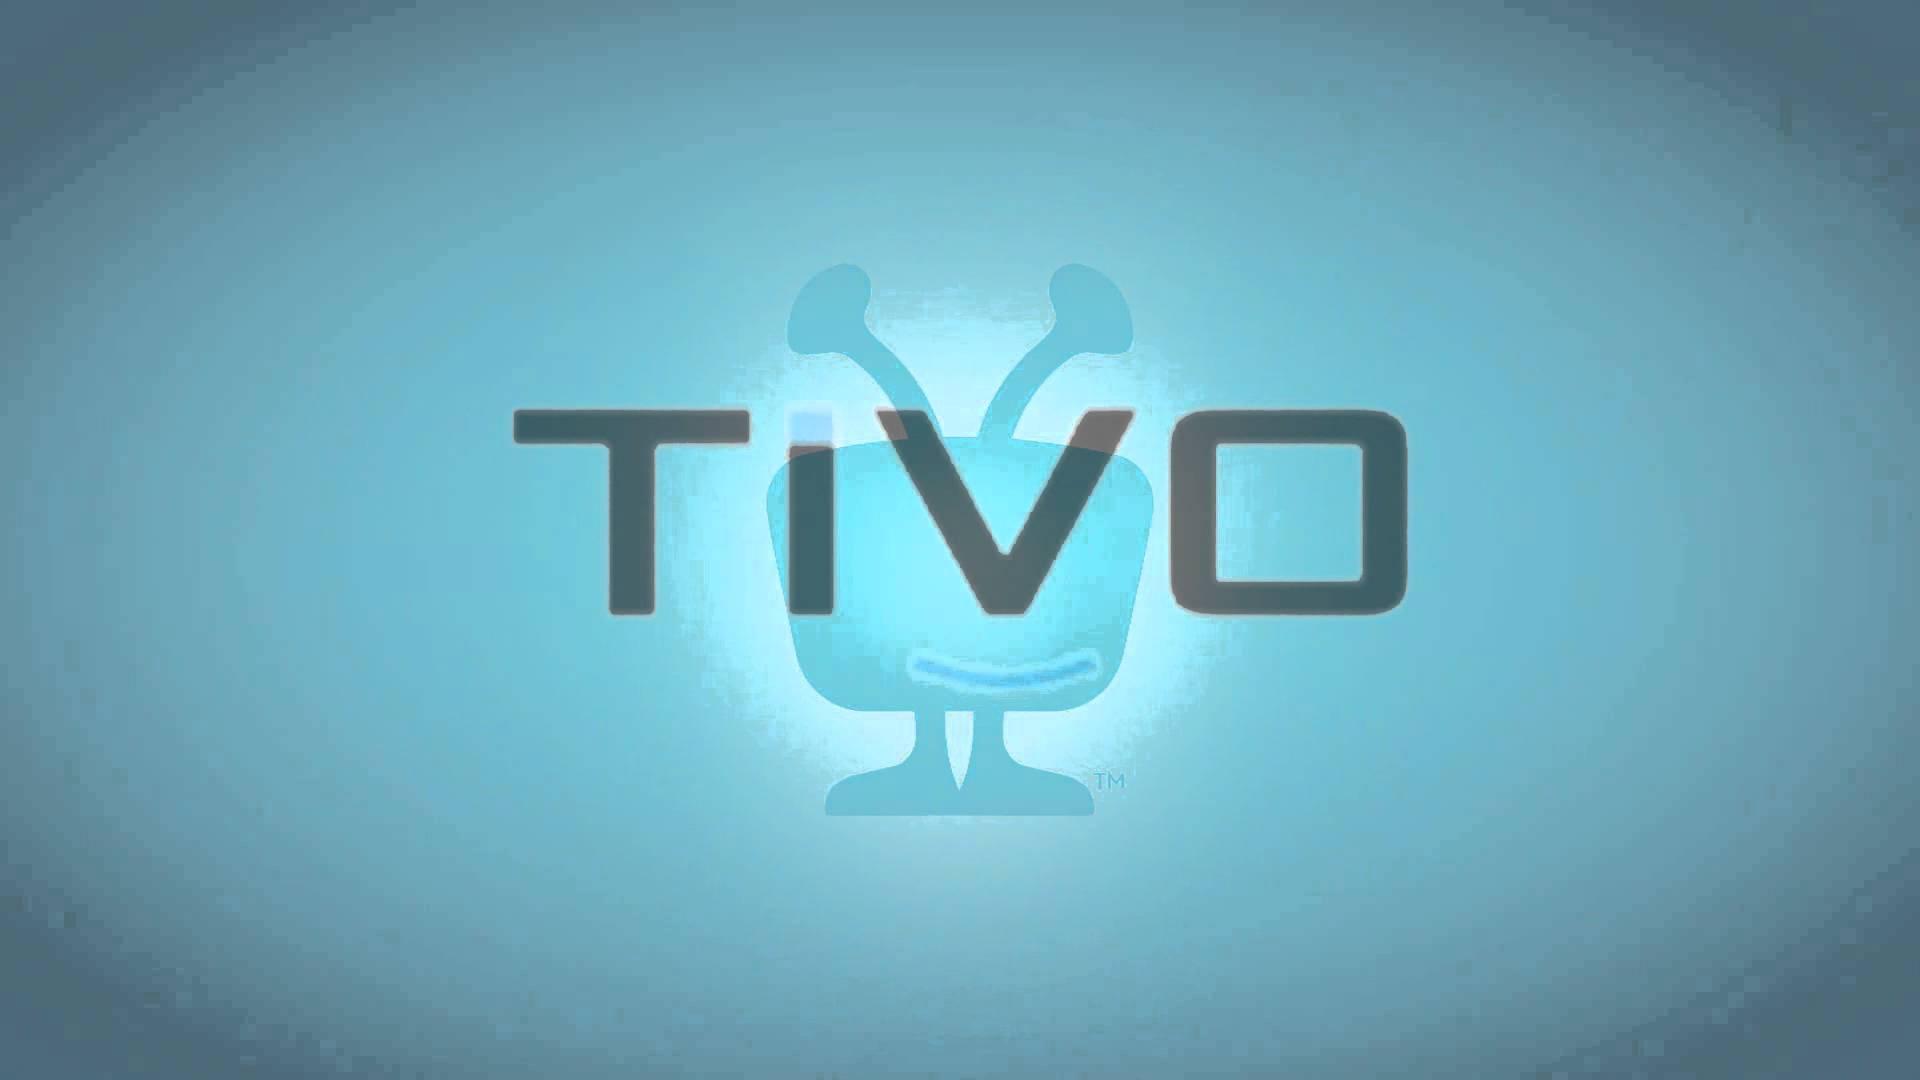 Tivo 2015 logo, YouTube